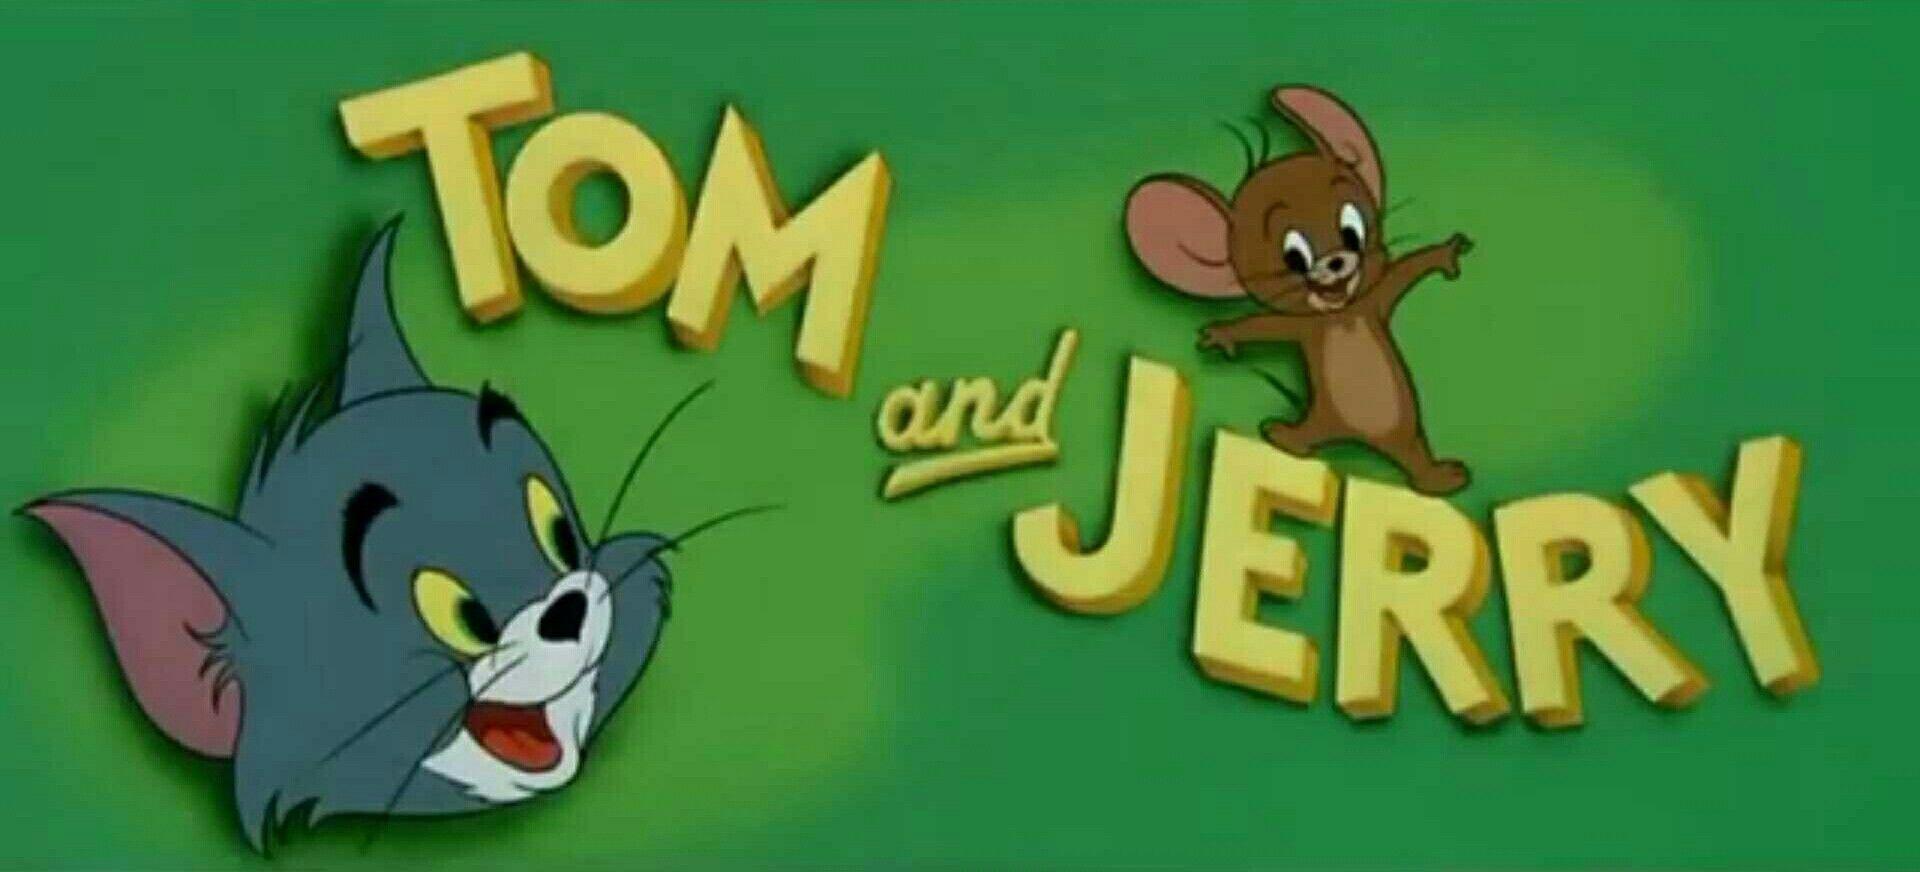 Tom Jerry Intro